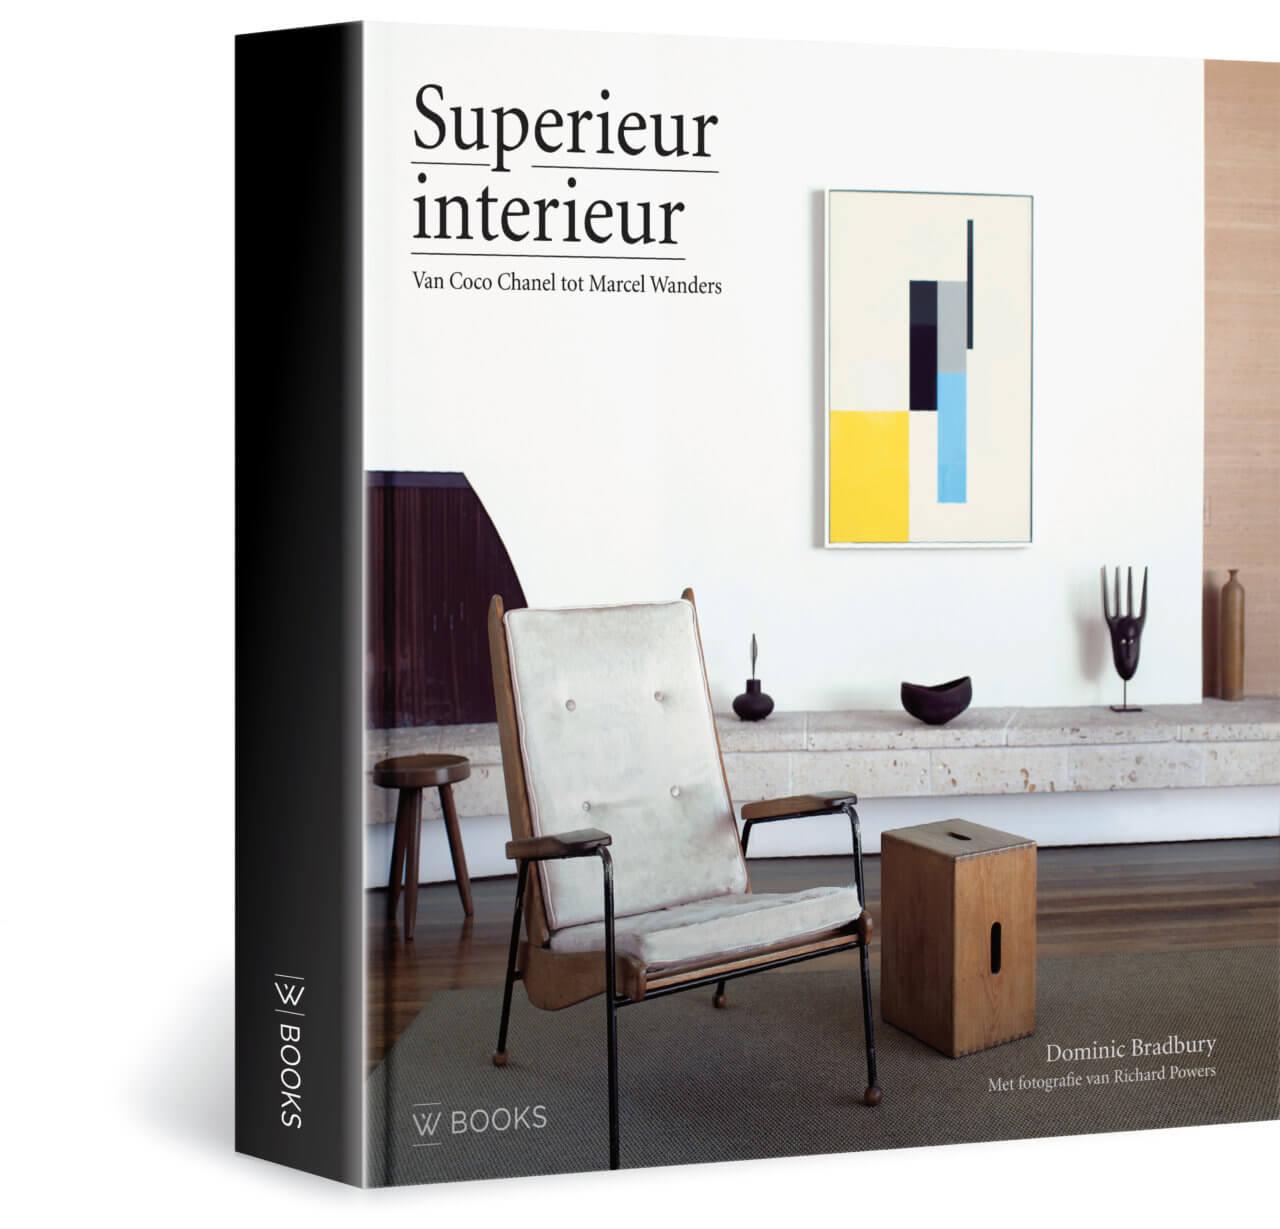 Superieur interieur-1044